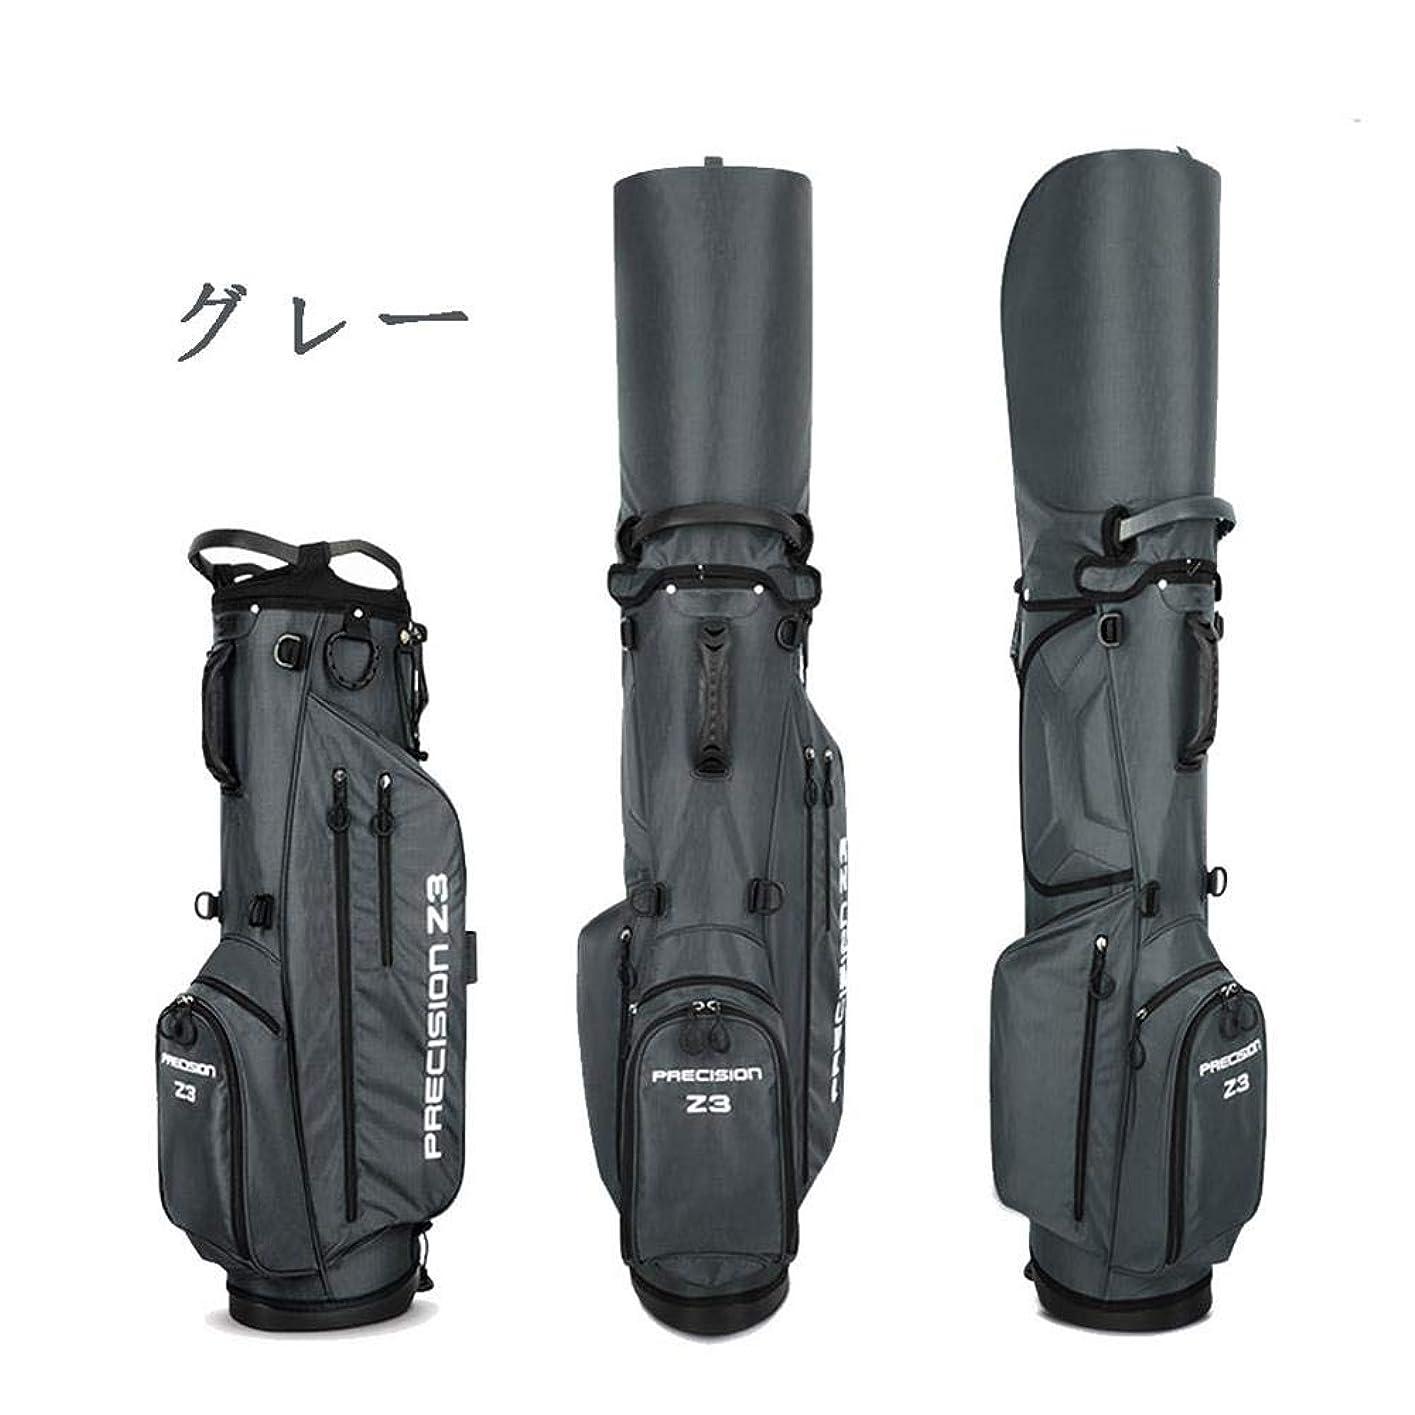 白内障エンゲージメント強いゴルフバッグ、多機能ゴルフスタンドバッグ、軽くて持ち運び可能なバージョン、クラブのフルセット、2kgを収納できます